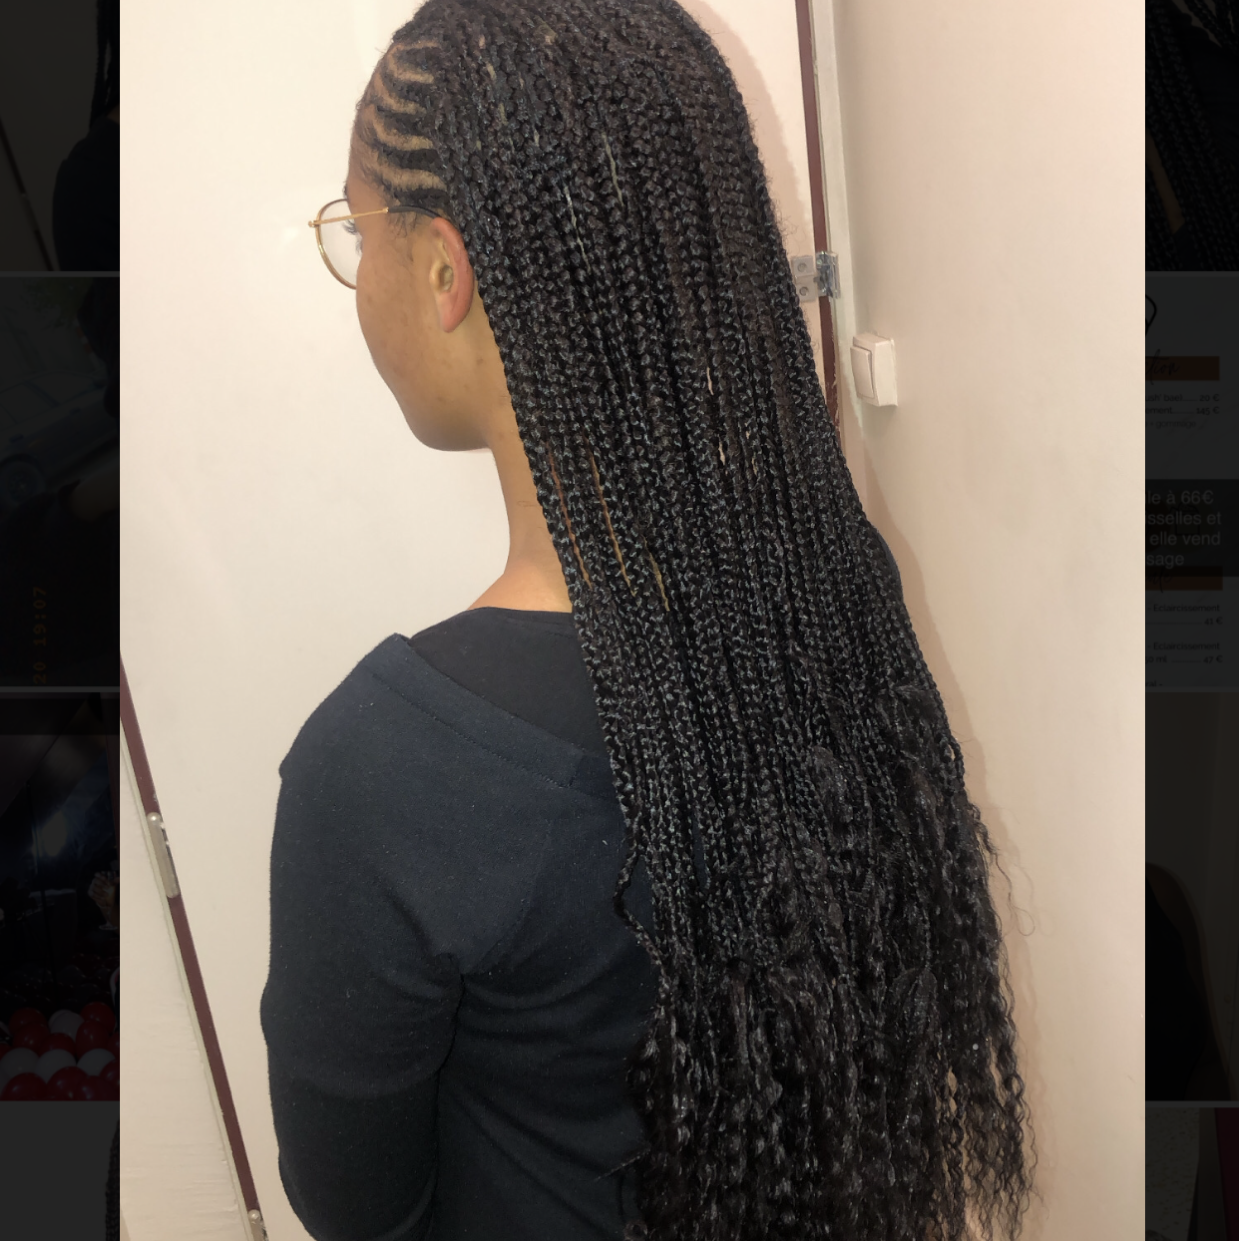 salon de coiffure afro tresse tresses box braids crochet braids vanilles tissages paris 75 77 78 91 92 93 94 95 SAYBZBHY